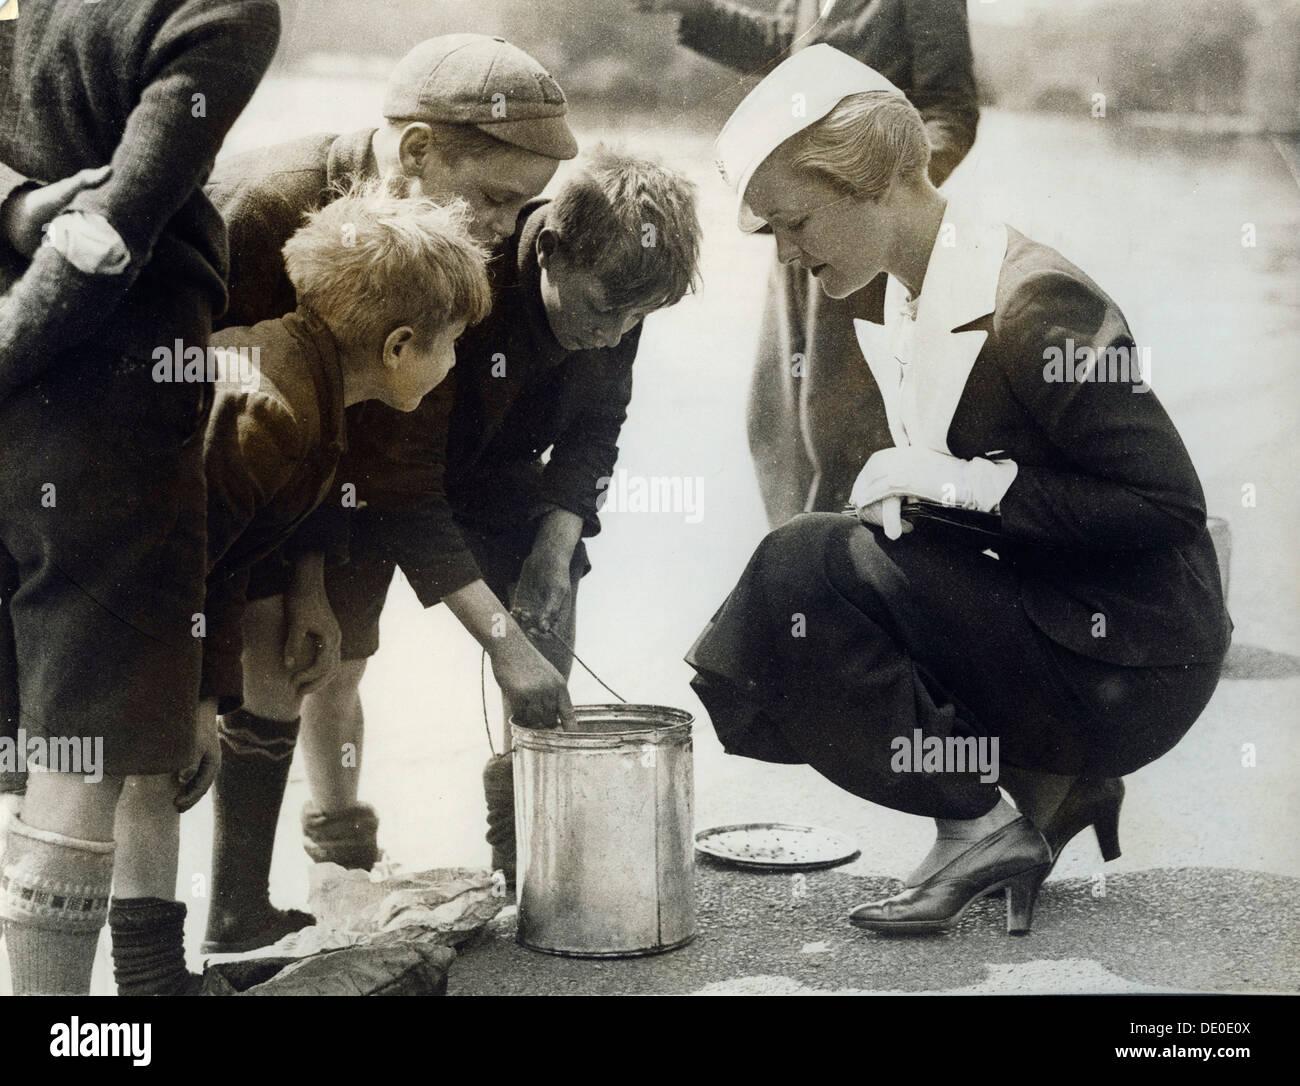 Laura La Plante, actrice et star du film, 1934. Laura La Plante (1904-1996) est surtout connu pour ses rôles dans les films muets. Ici on la voit tandis qu'à Londres à la recherche d'une offre de films. Elle a séjourné à Londres pour trois semaines avant de se rendre à Paris. Elle est avec un groupe de garçons qui avaient été 'capture tiddlers' dans la Serpentine. Photo Stock